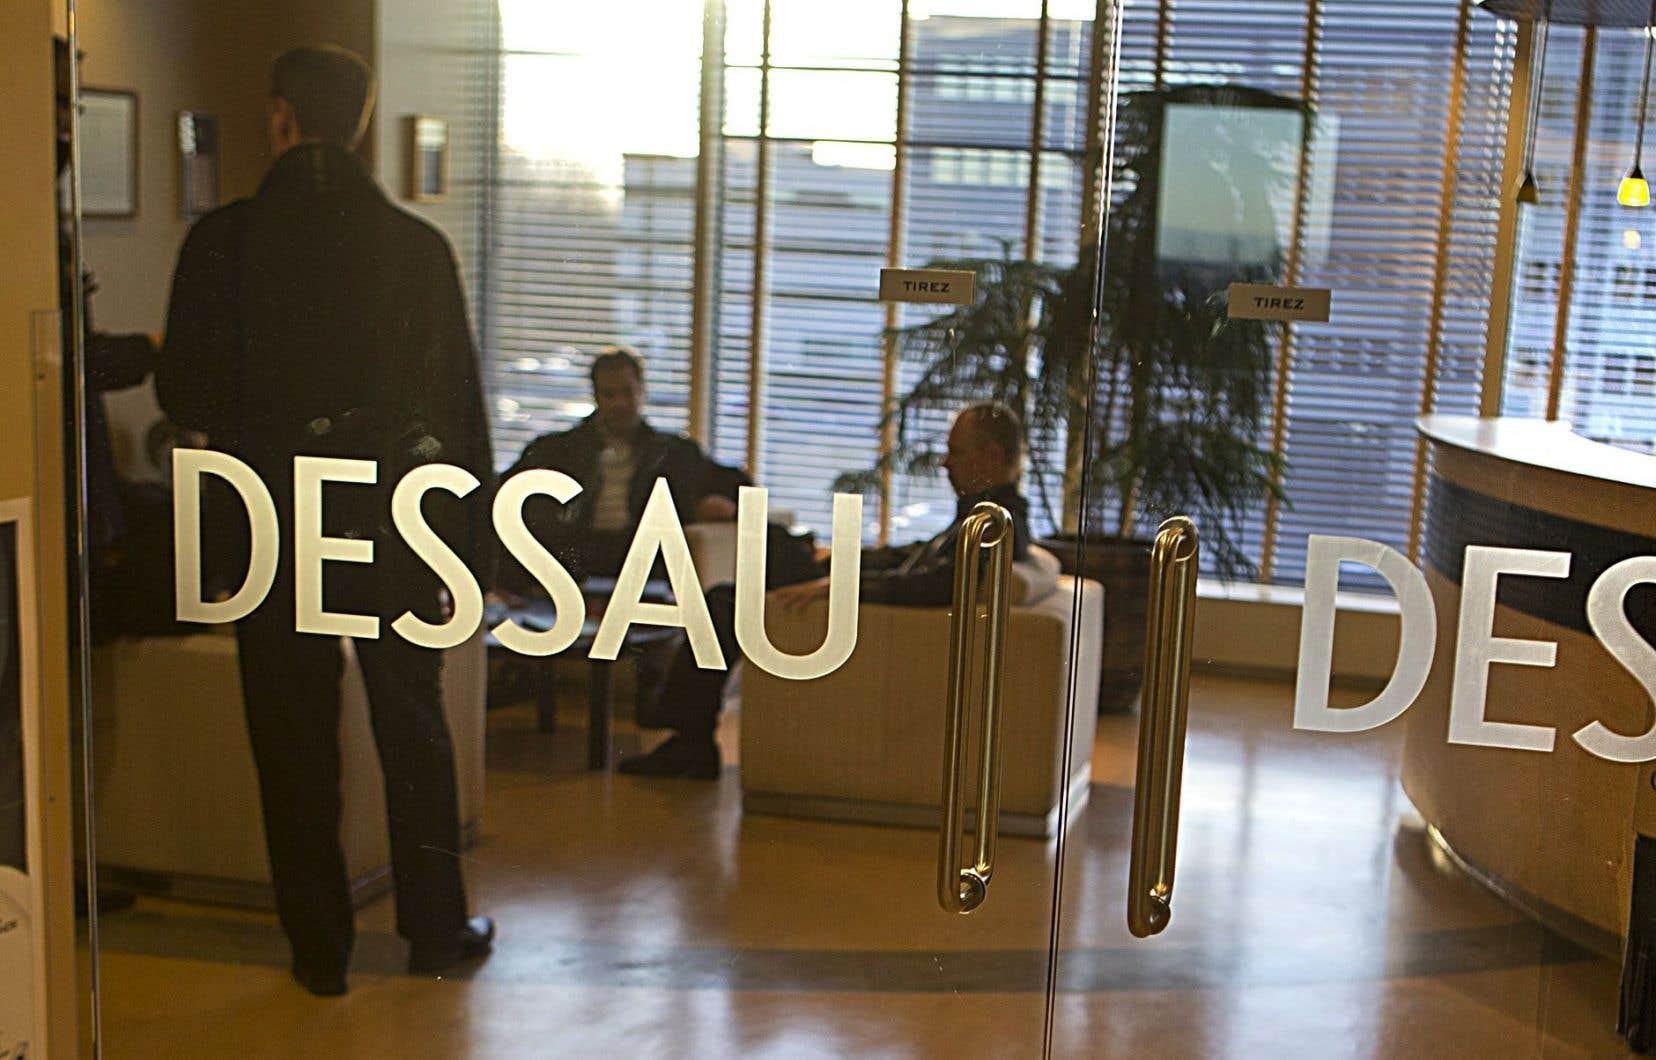 La décision de l'Ordre des ingénieurs ne nomme pas la personne, l'entreprise ou l'organisme qui a reçu ce pot-de-vin de la part de l'ancien vice-président de Dessau.